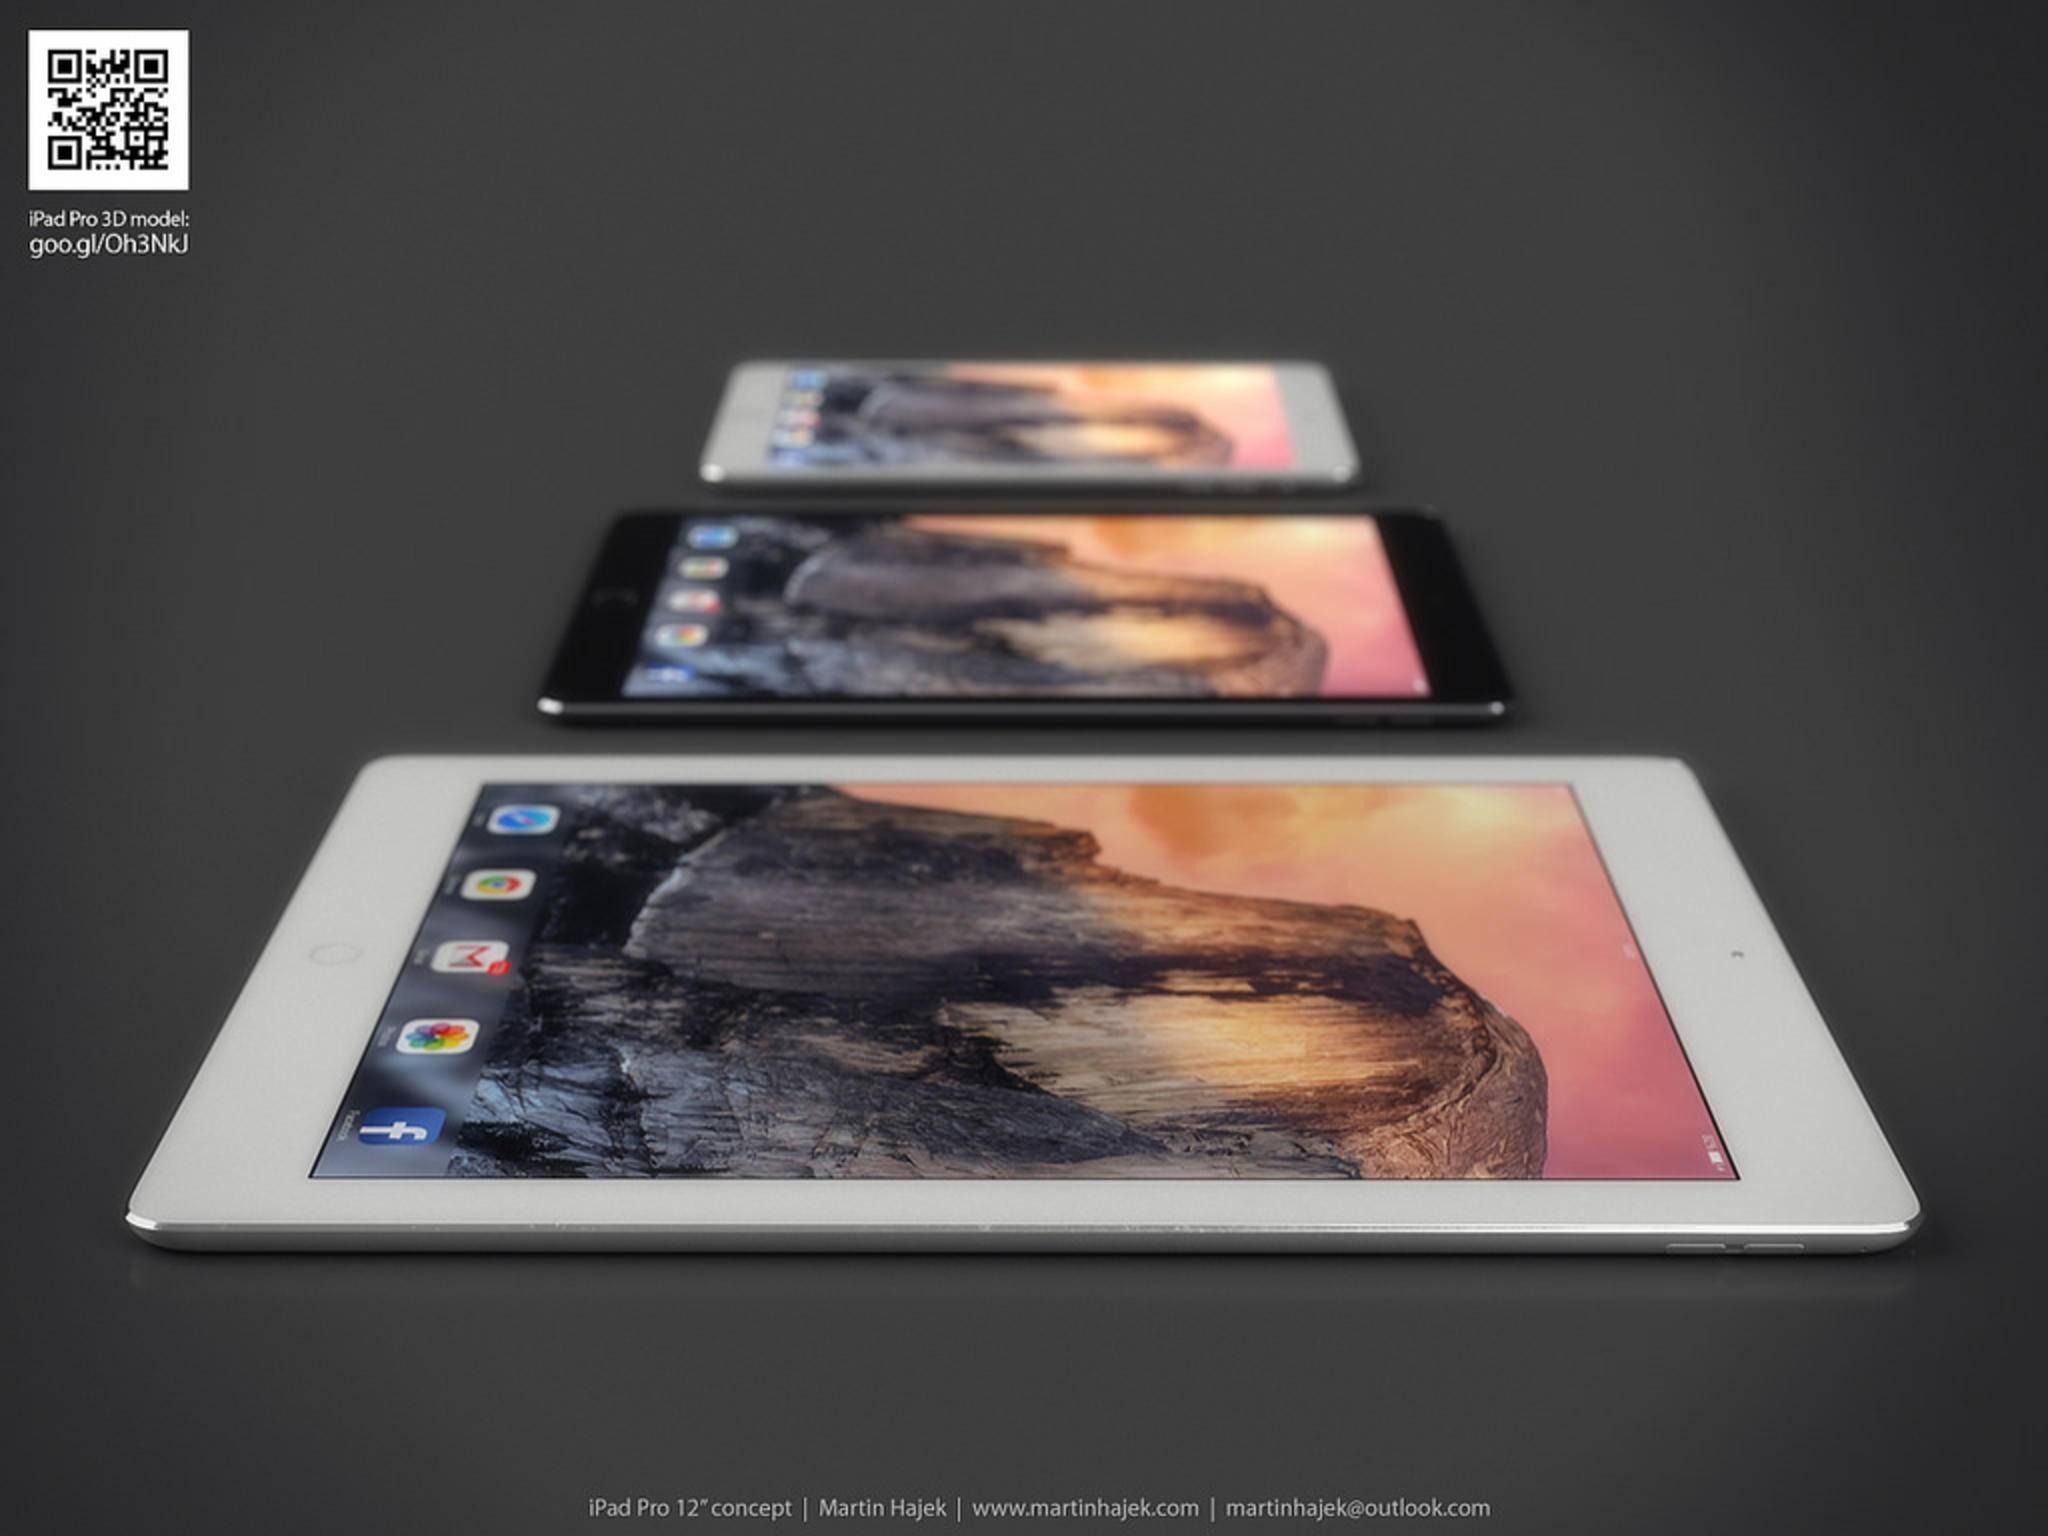 Dieses Konzept zeigt das iPad Plus im Vergleich mit anderen Apple-Tablets.